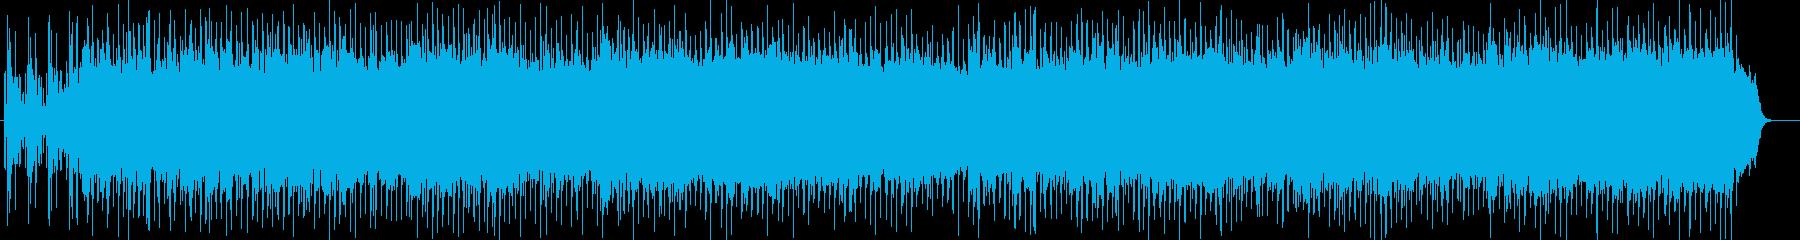 打楽器とシンセのパンが繋ぐシンフォニーの再生済みの波形